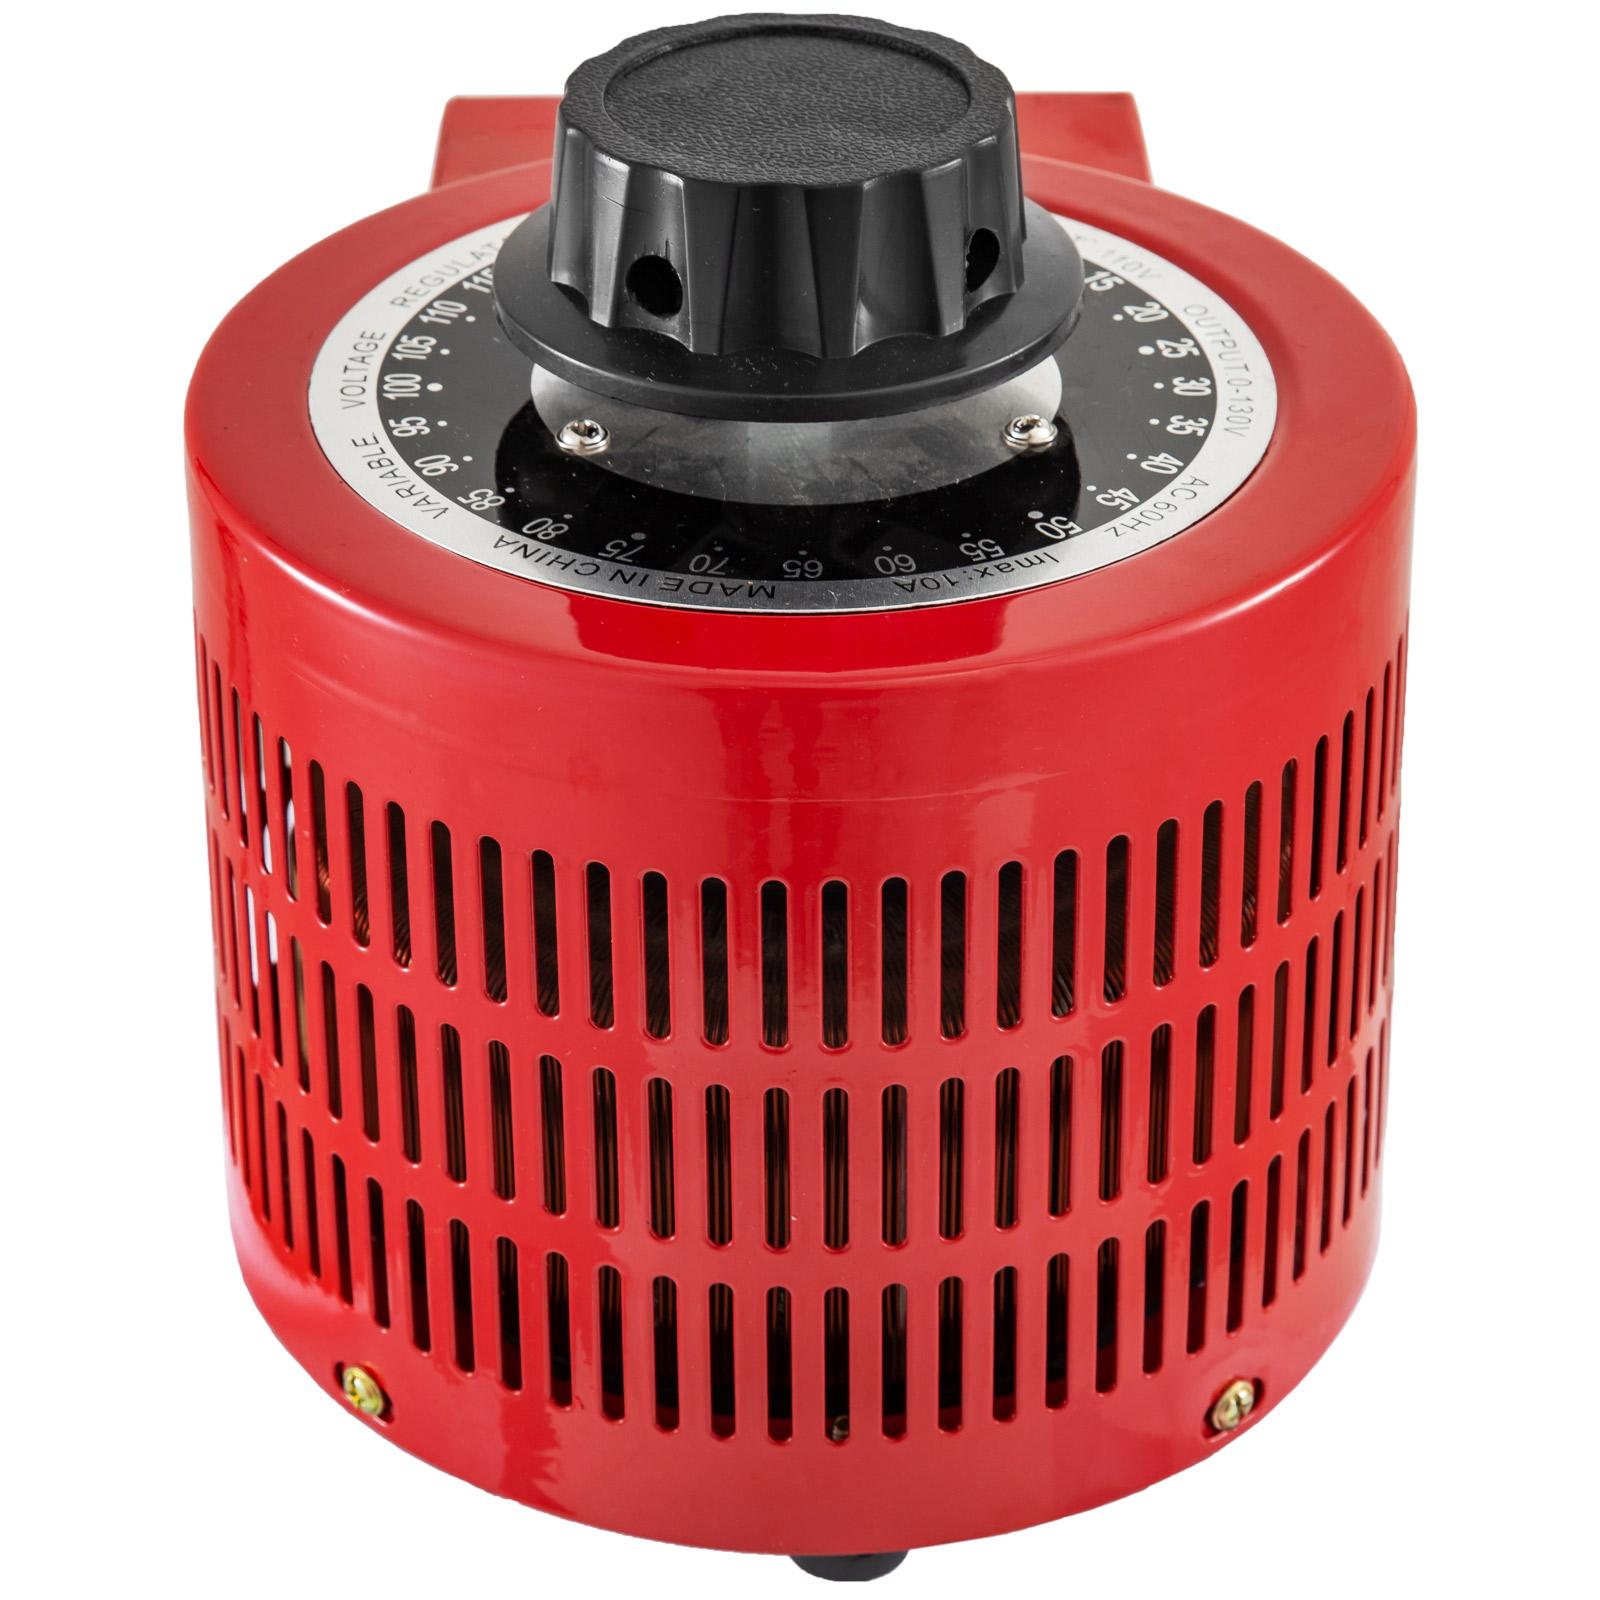 Variac-Variable-Transforme-0-5-1-2-3KVA-LCD-Single-Phase-Digital-Display-0-130V thumbnail 35